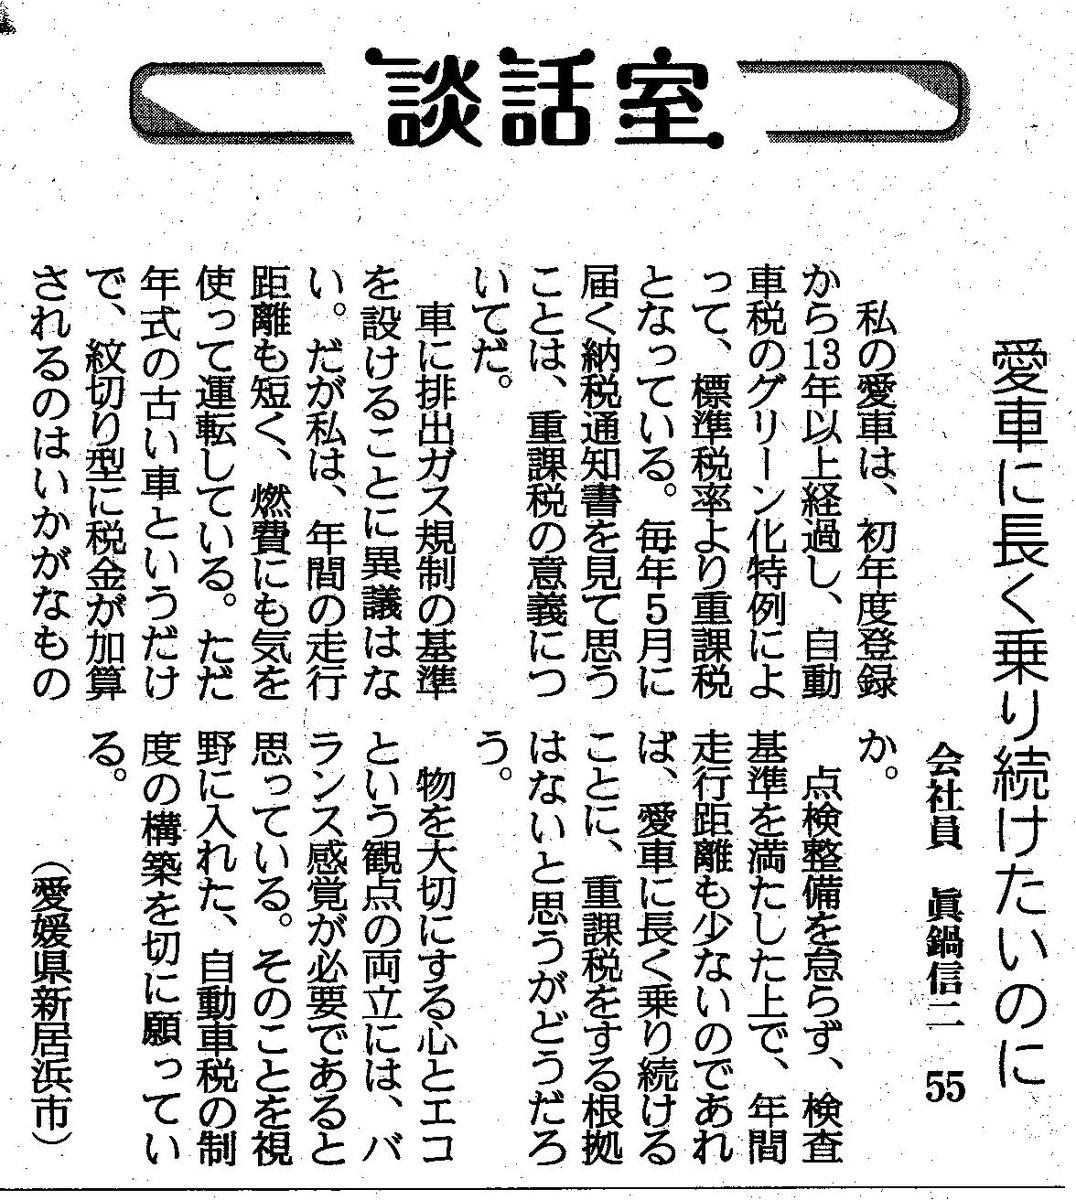 f:id:satoumamoru:20190619180653j:plain